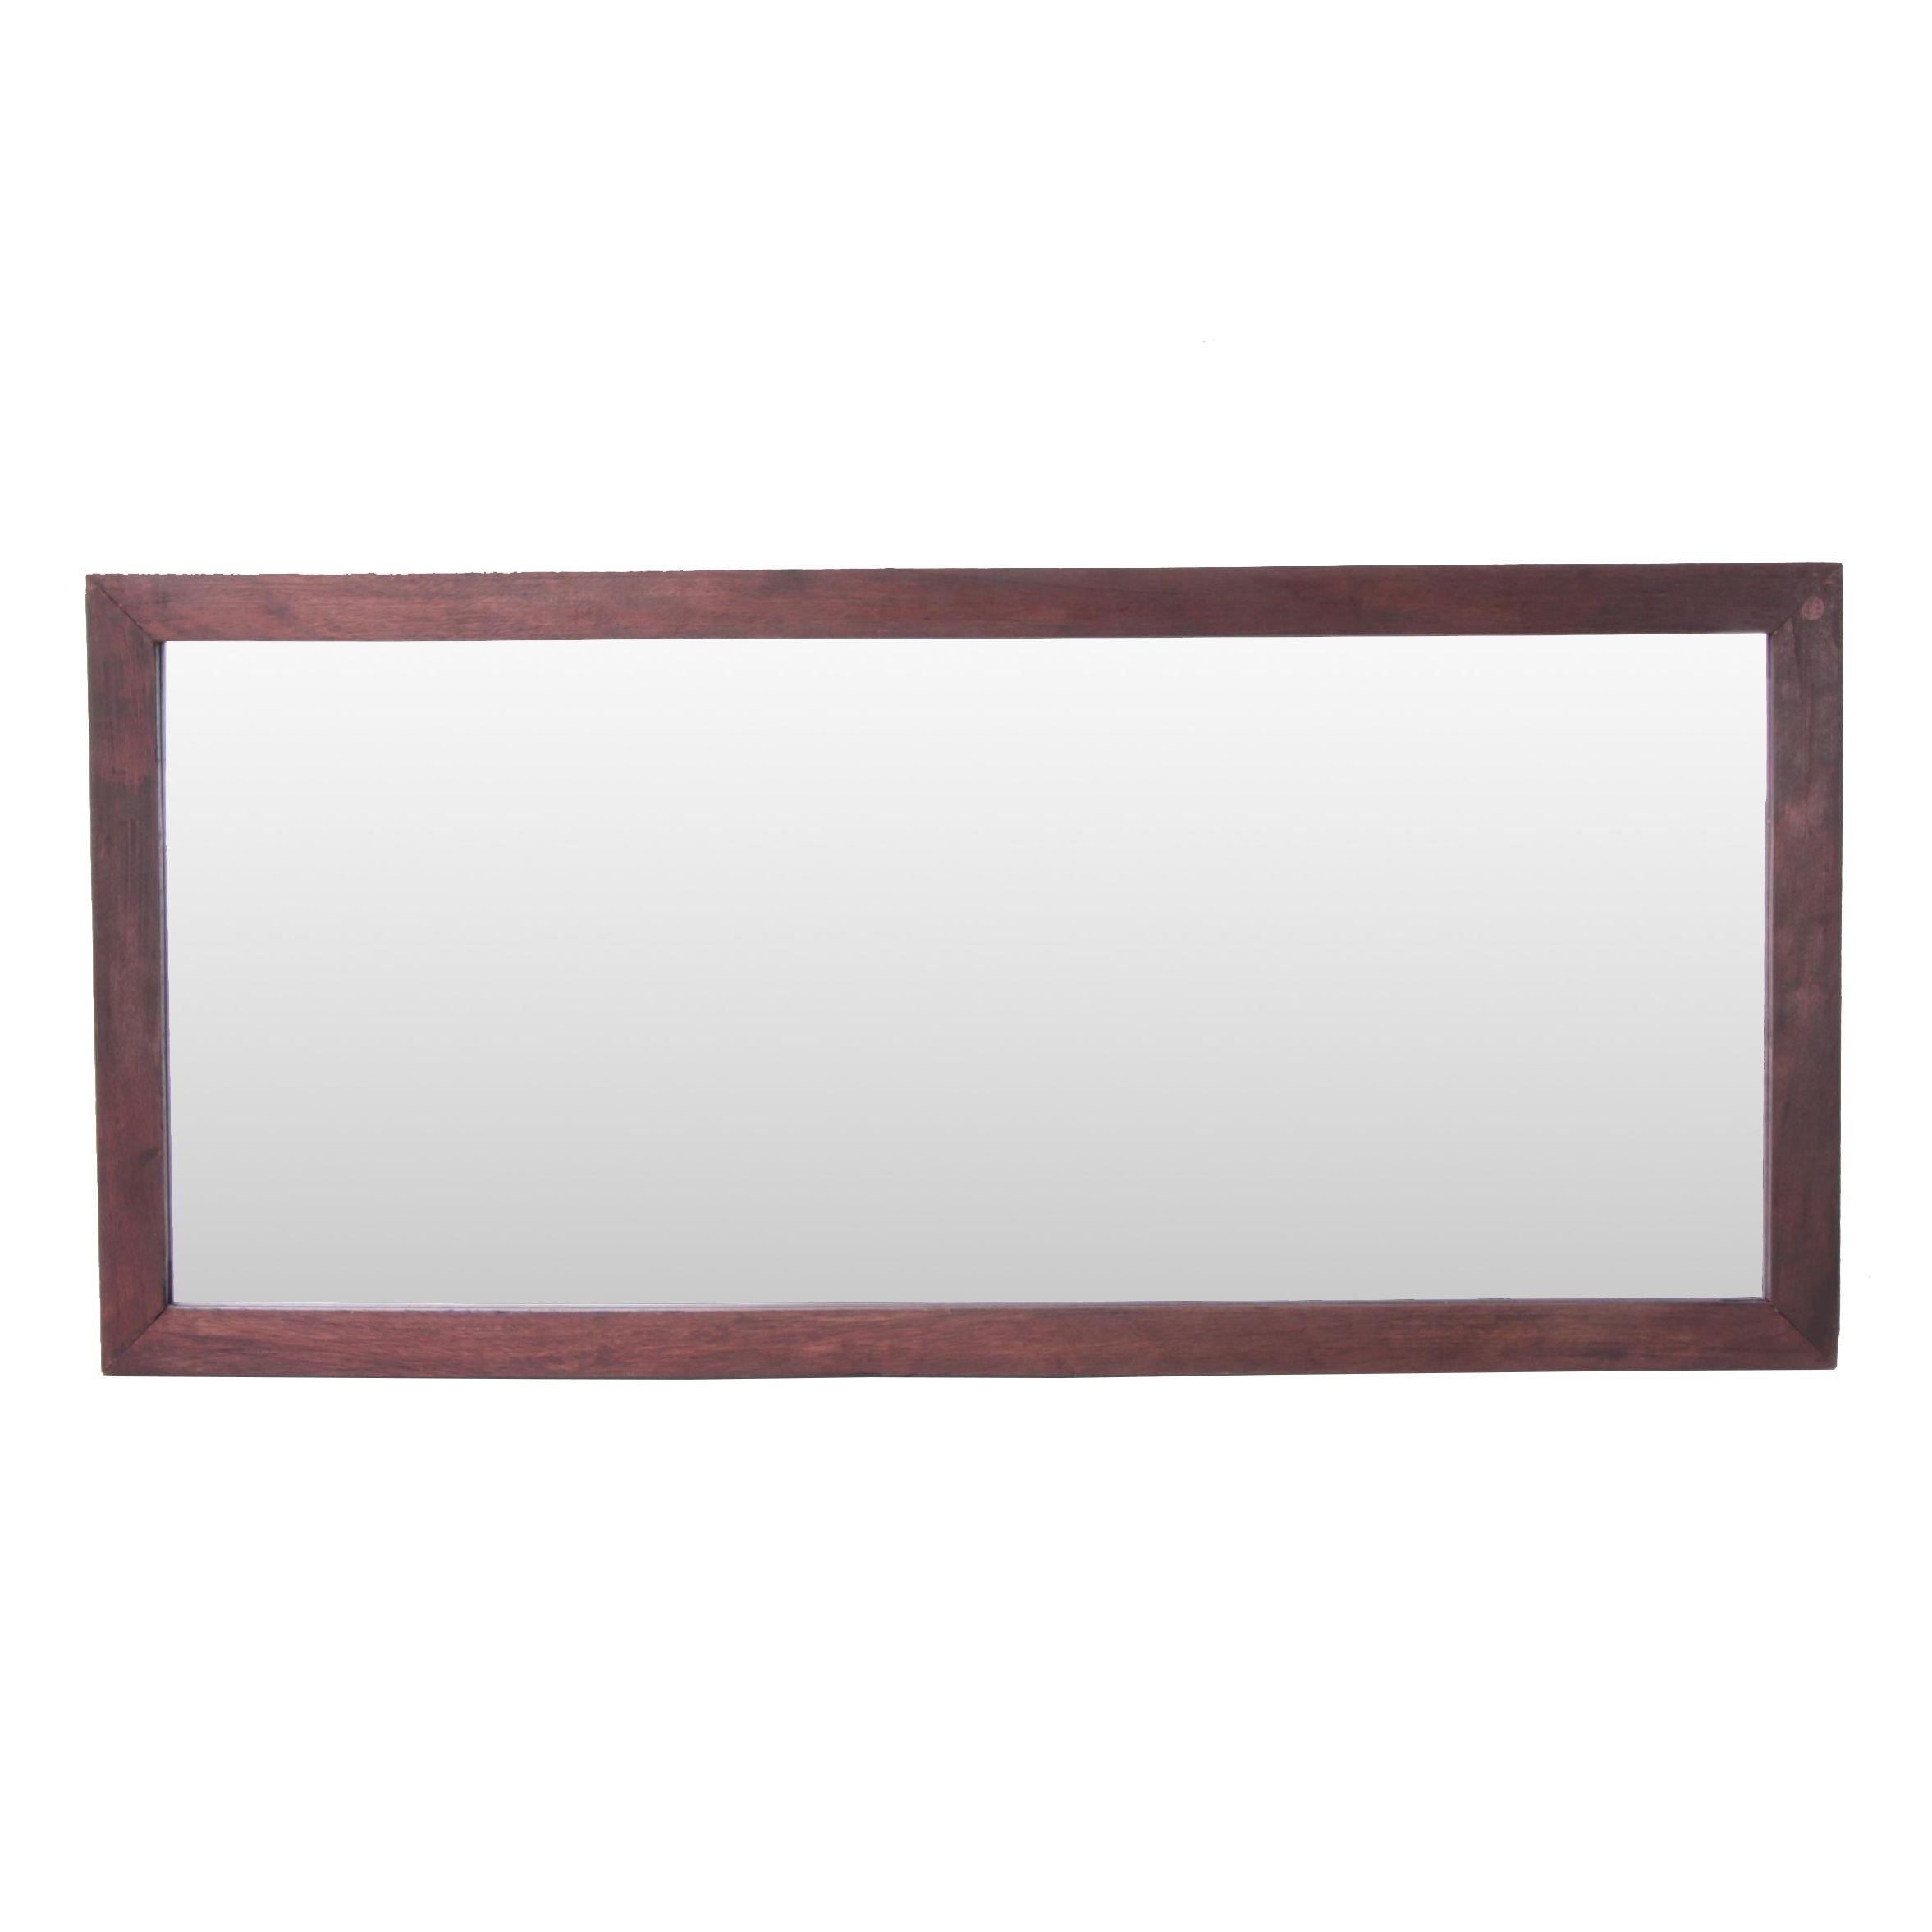 Mahogany Framed Sofa Mirror